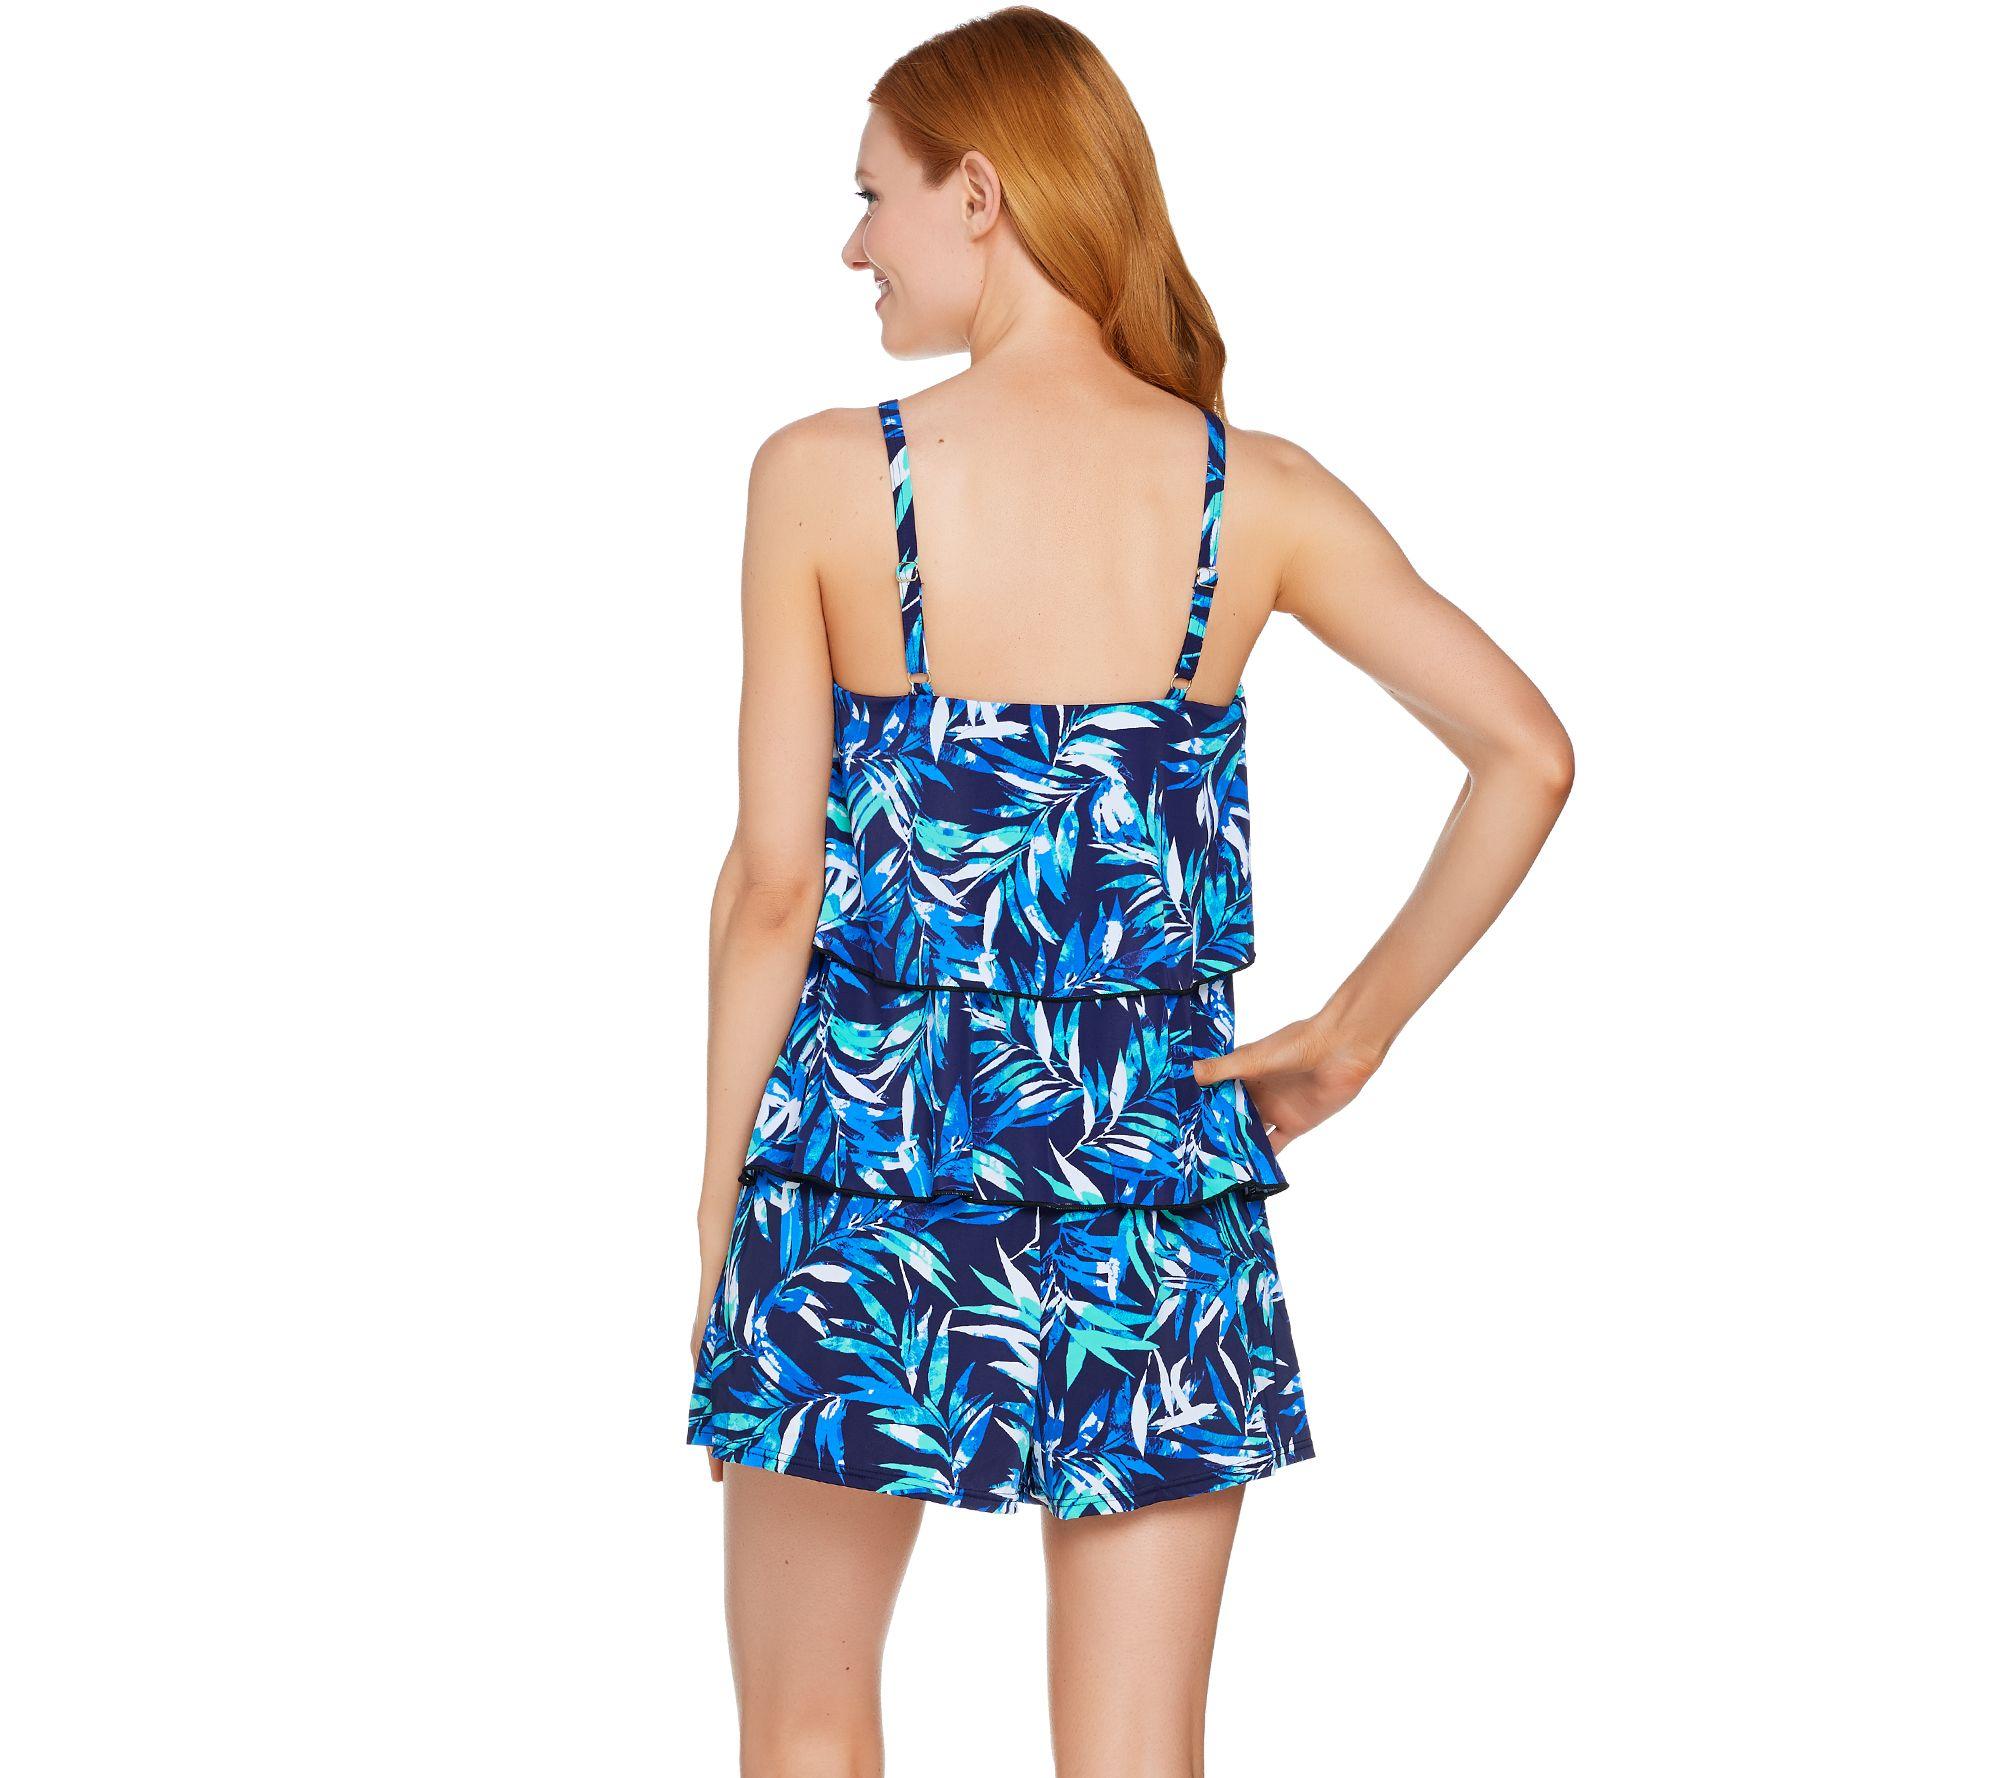 2b8428fc81c2 Fit 4 U Hi-Neck Double Tiered Romper Swimsuit - Page 1 — QVC.com